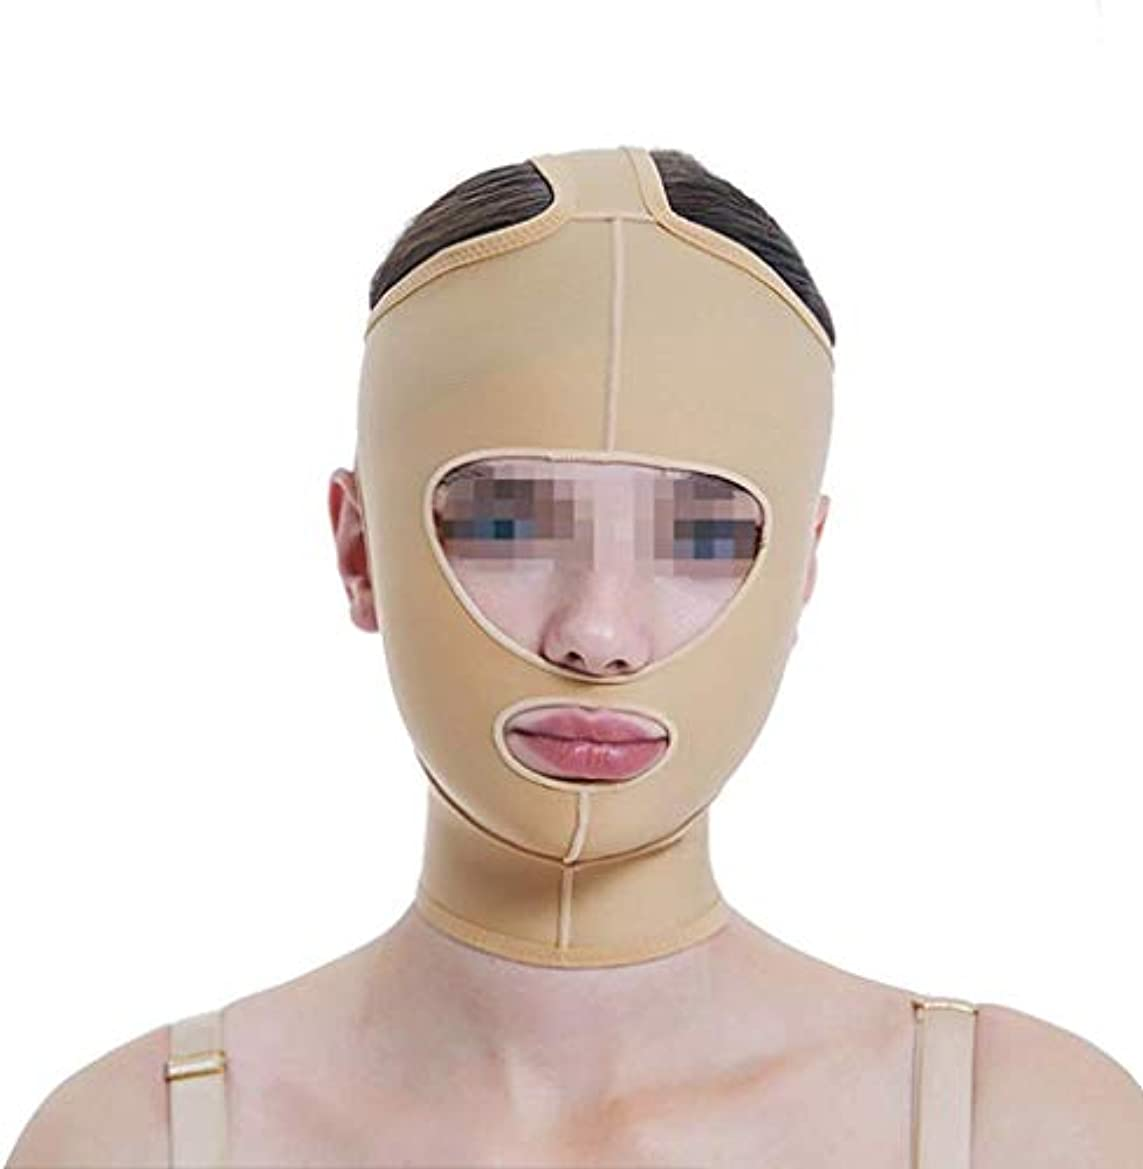 地平線事故メータースリミングVフェイスマスク、フェイスリフトマスク、ラインカービングフェイスエラスティックセットシンダブルチンVフェイスビームフェイスマルチサイズオプション(サイズ:XXL)